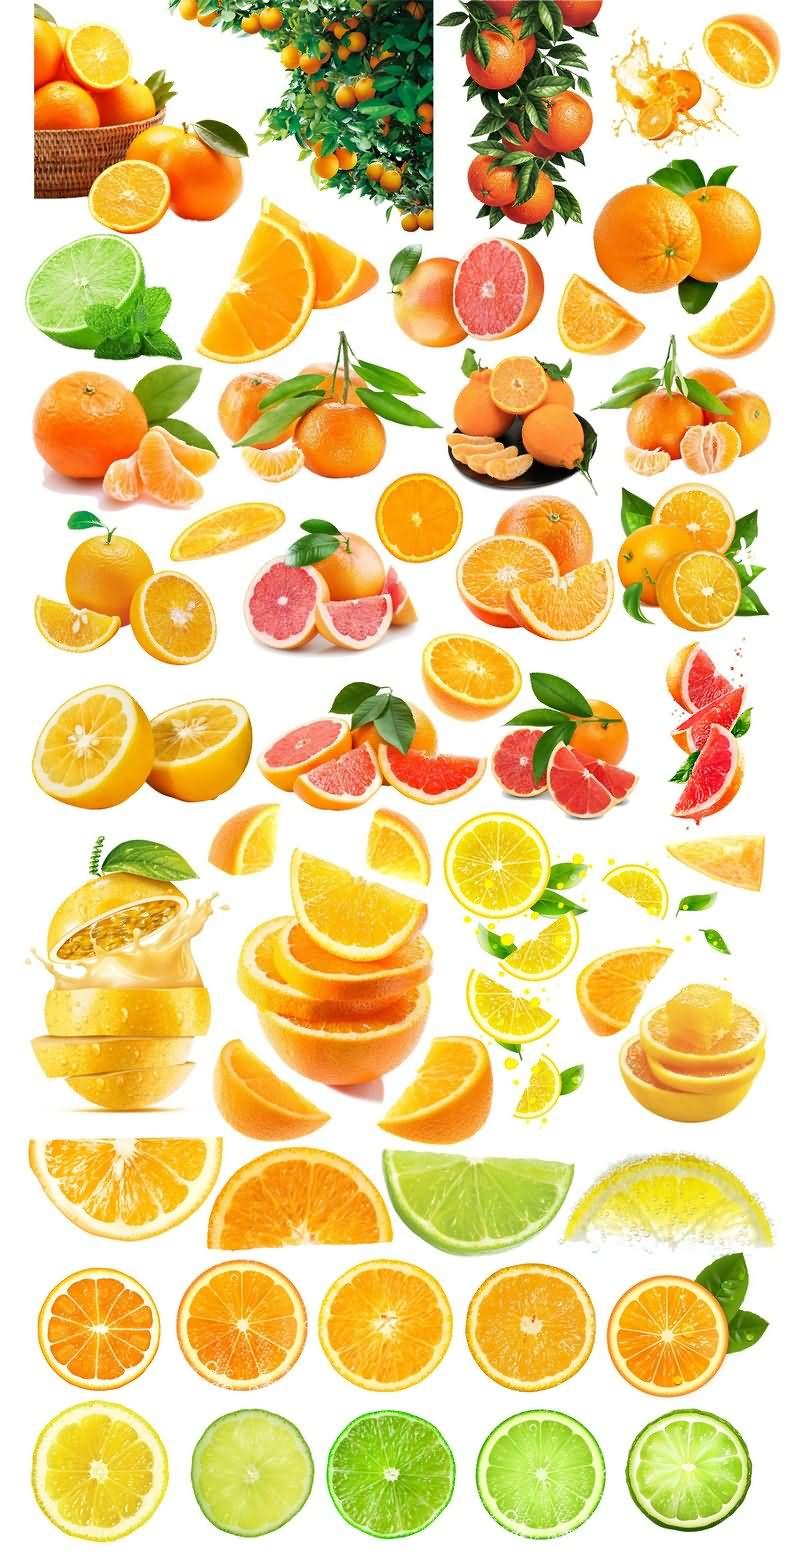 橙子免抠分层PSD素材